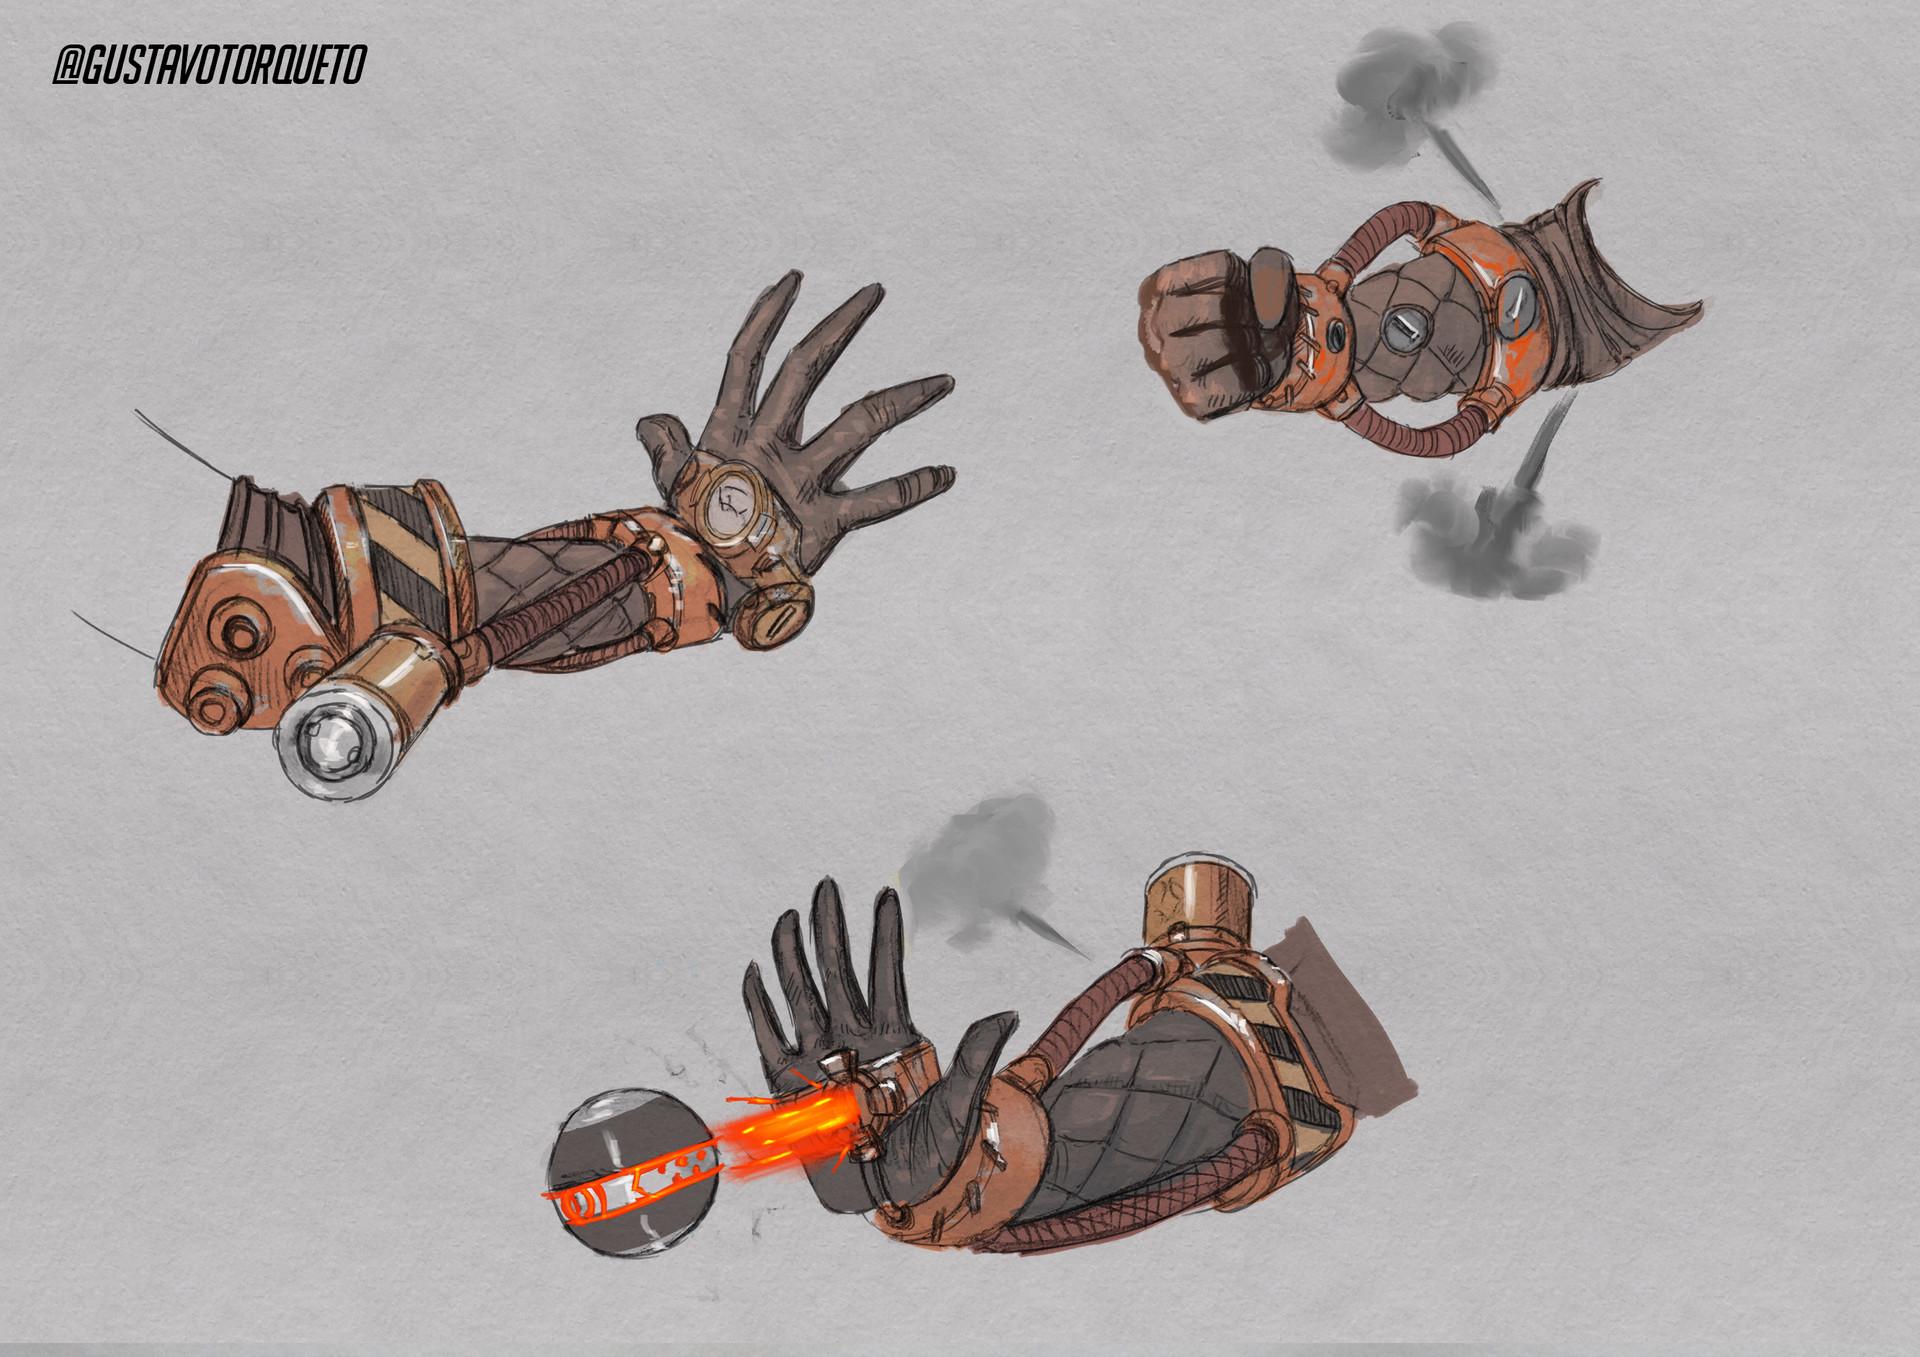 Gustavo torqueto 11 hand weapon